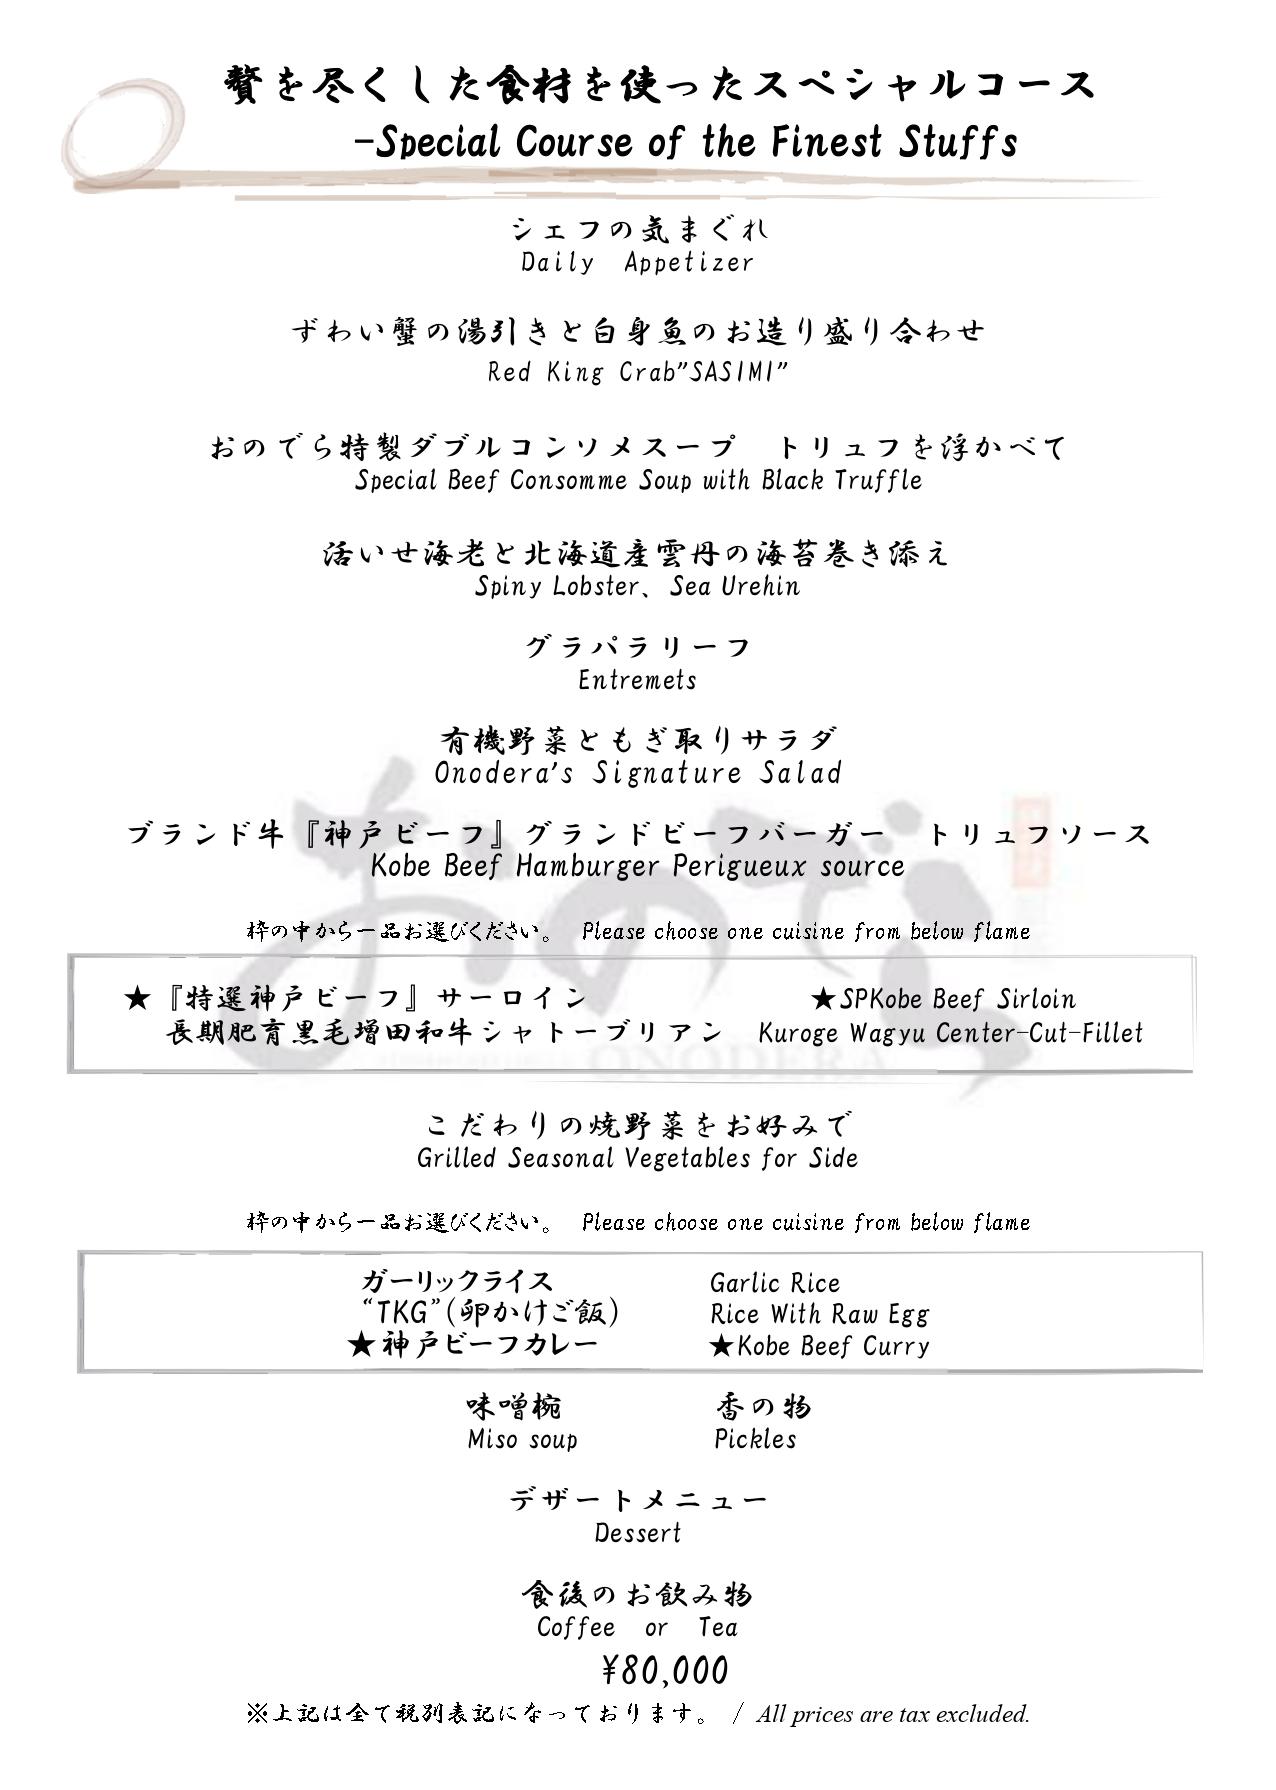 鉄板焼 [銀座店] ディナーメニュー10